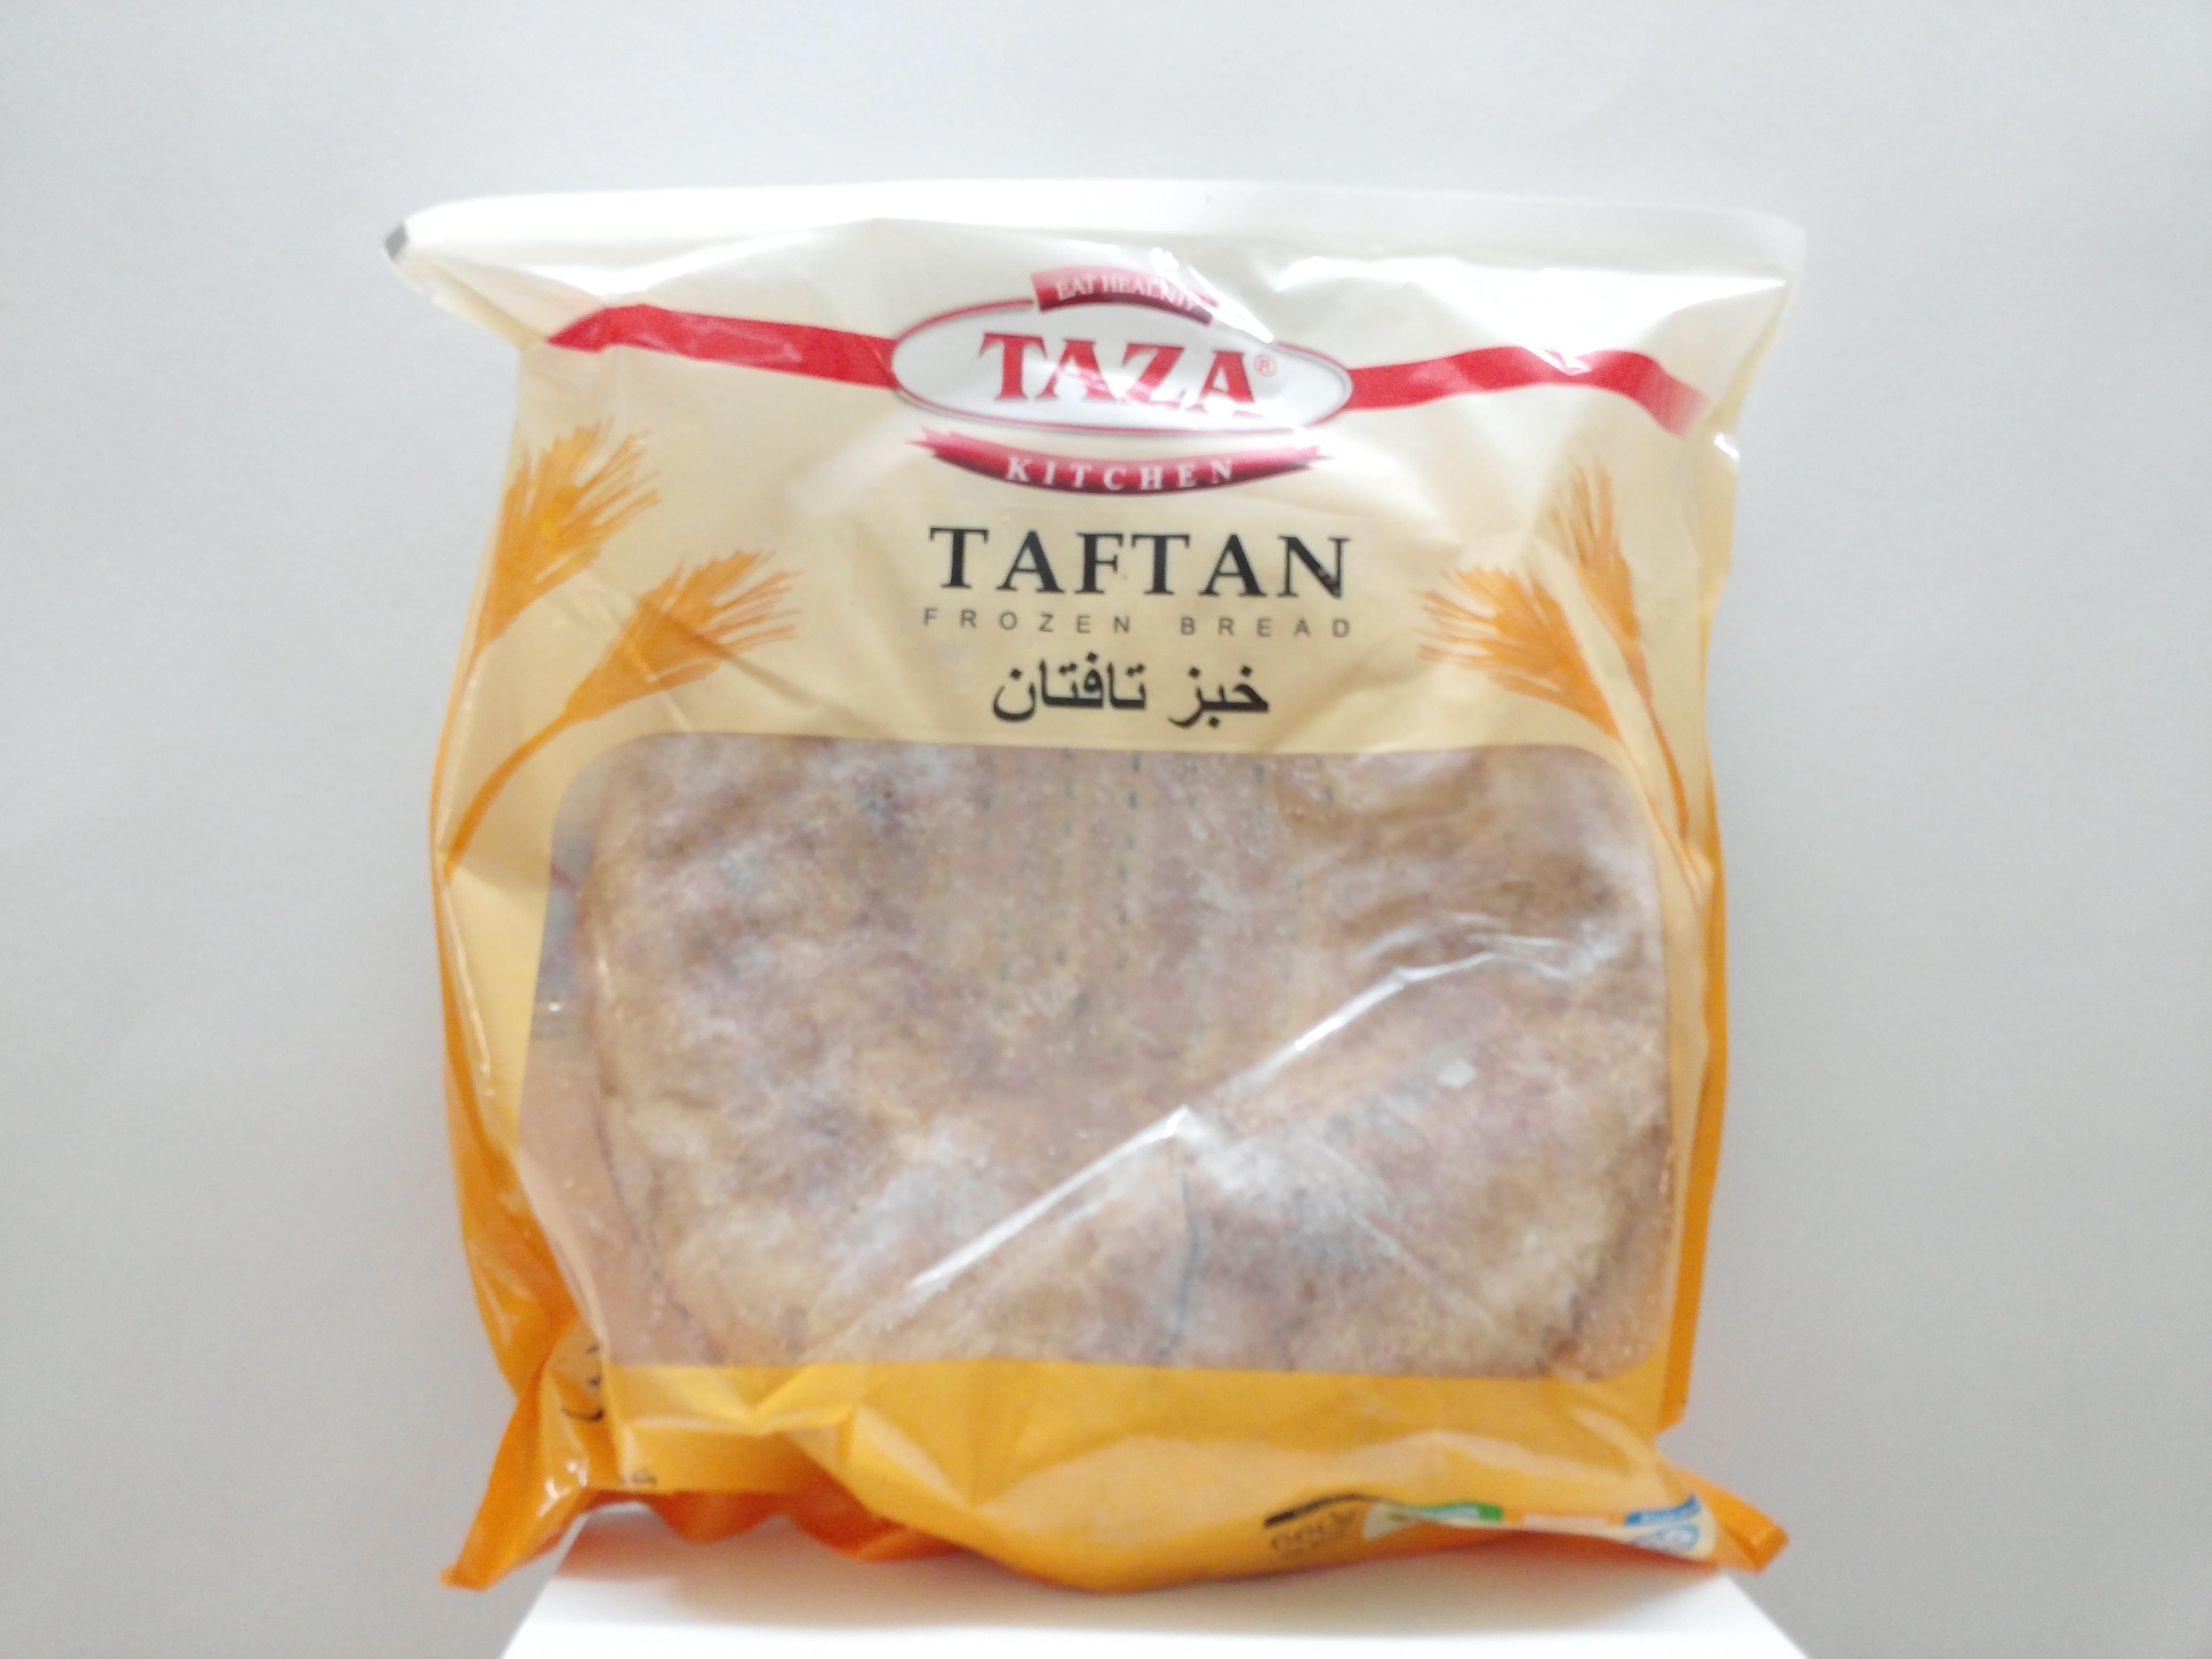 Taza Taftan 3 Pcs 23.30 oz